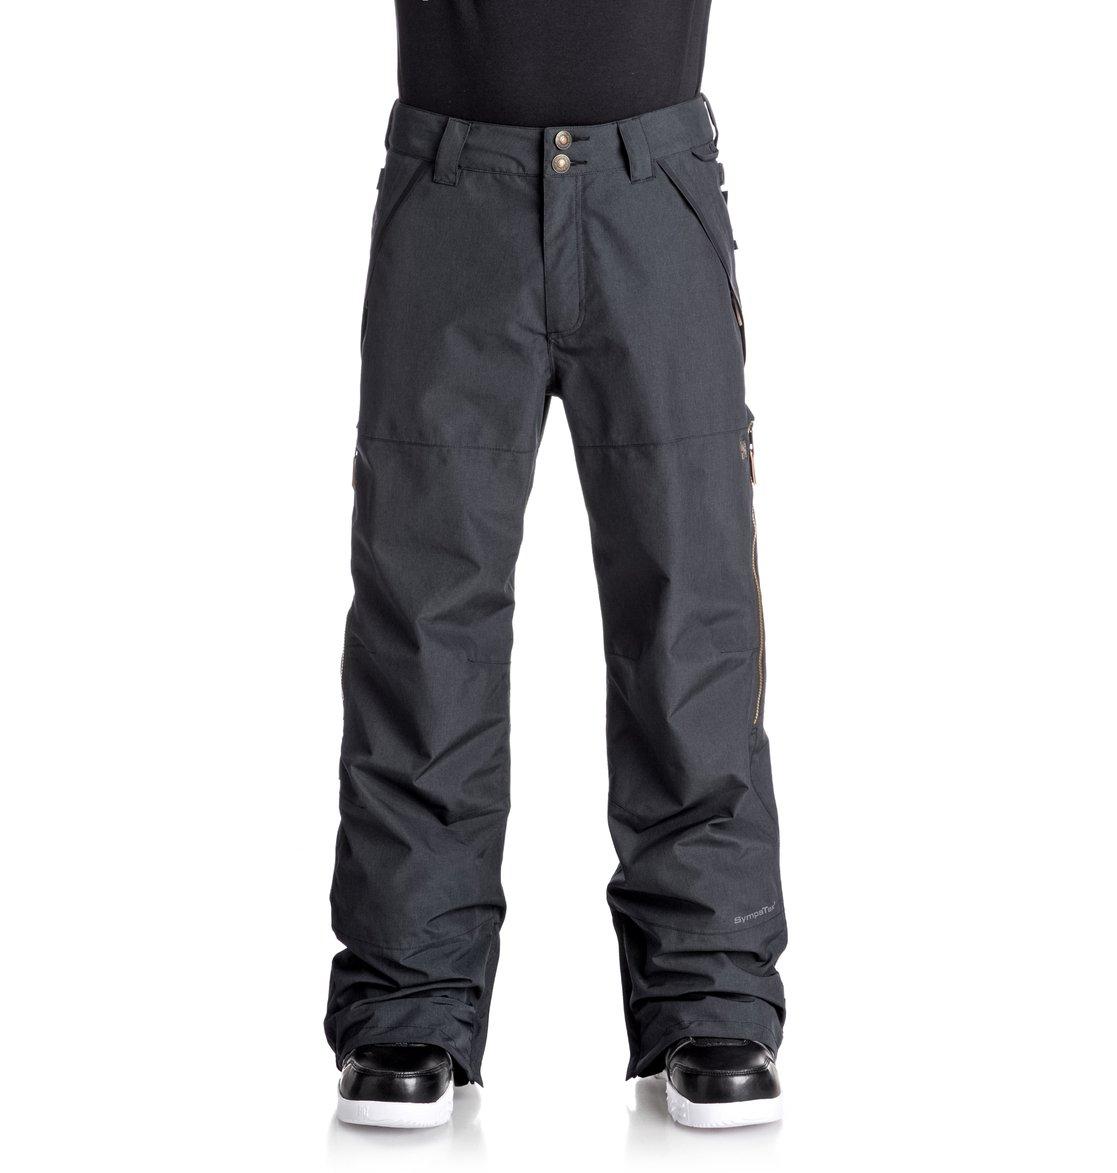 Nomad - Pantalon de snow pour Homme - DC Shoes